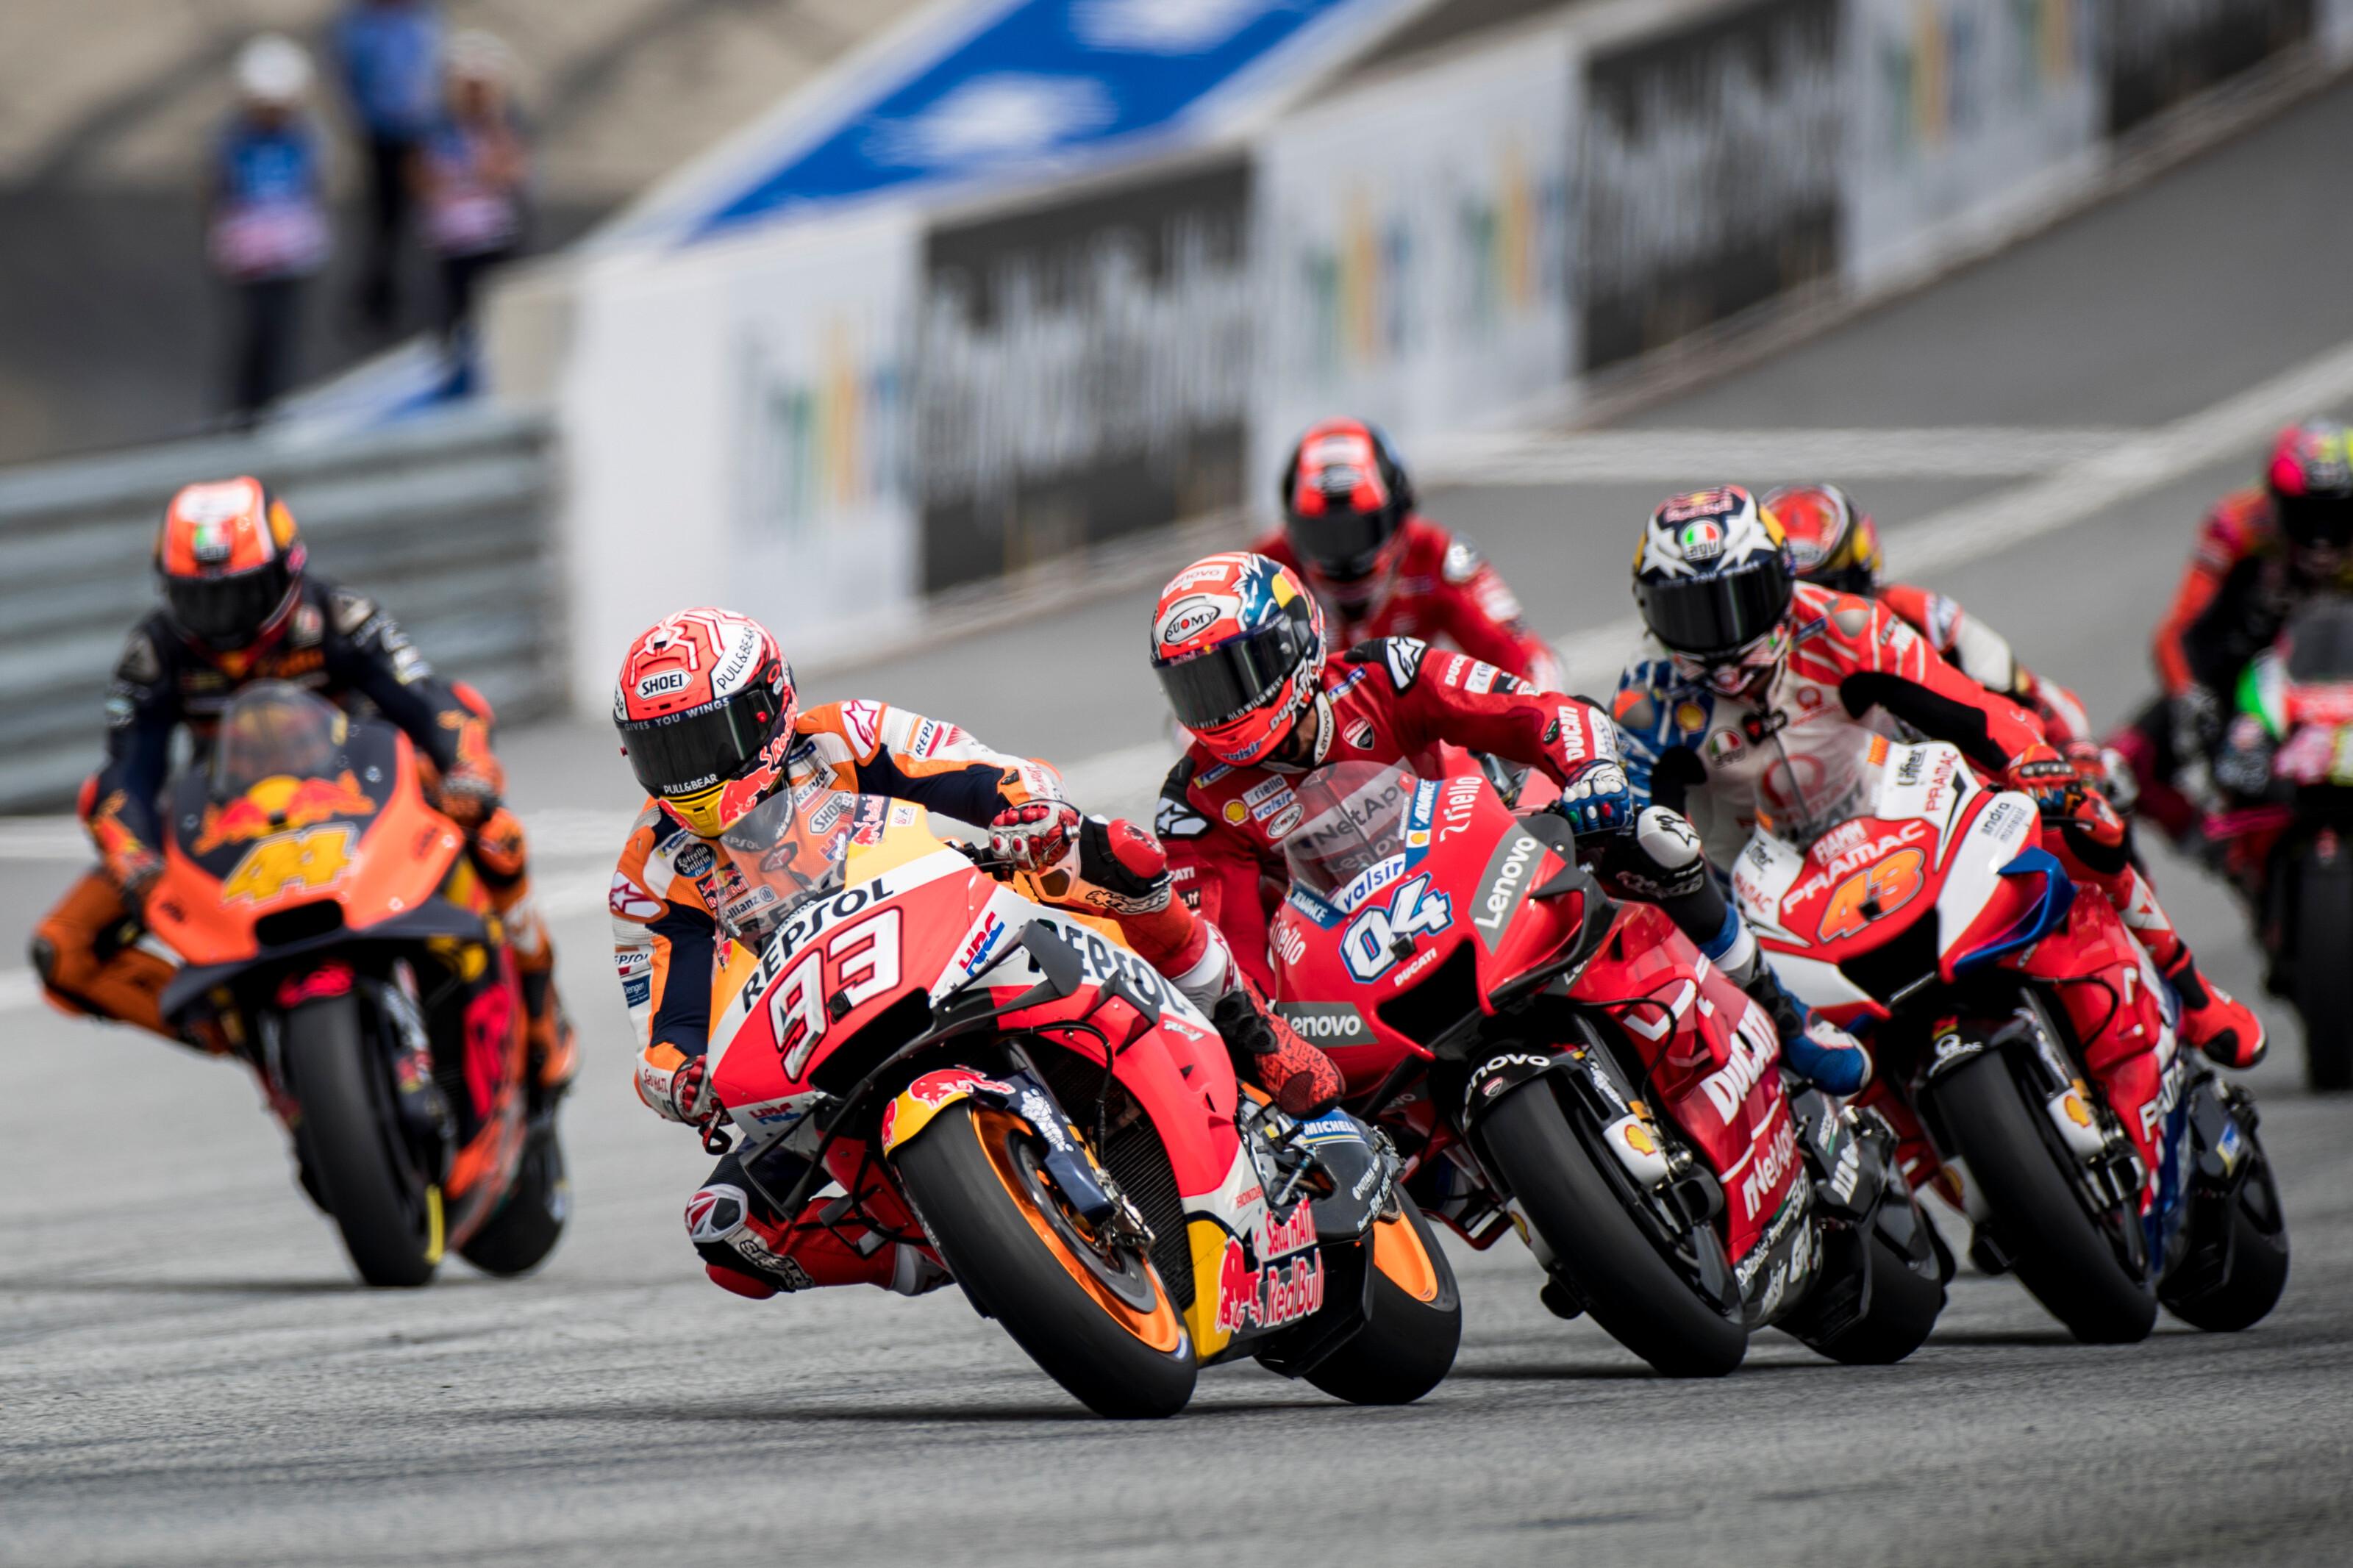 Nyolc évre írt alá Magyarországgal a MotoGP